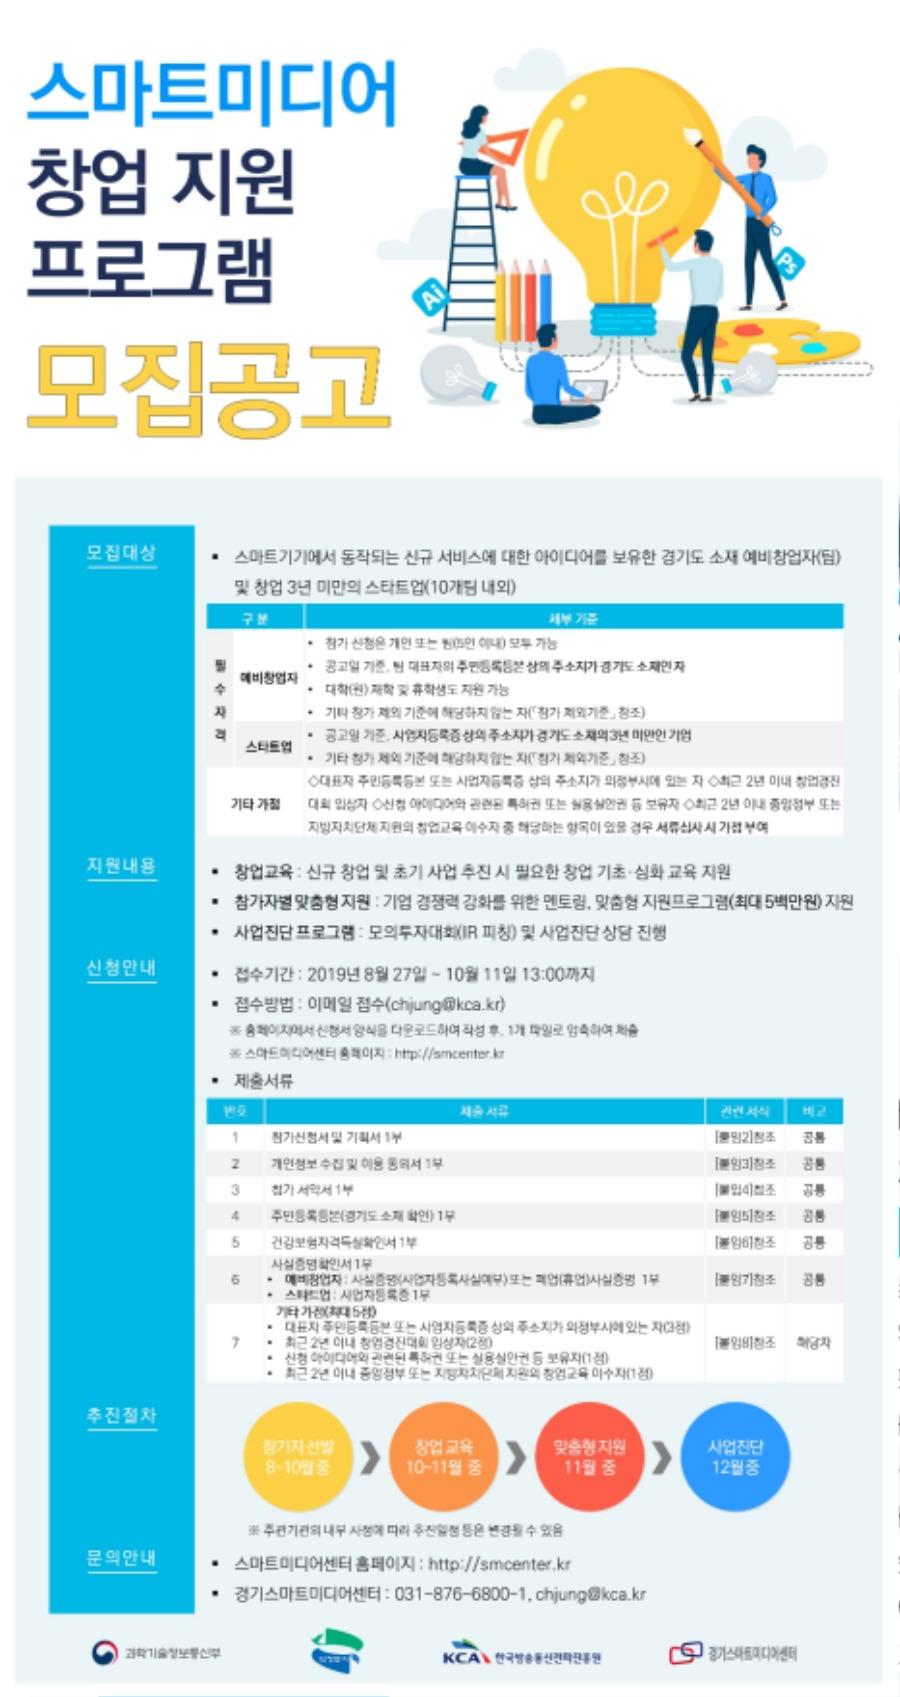 1. 스마트미디어 창업 지원프로그램 모집 연장 포스터.jpg